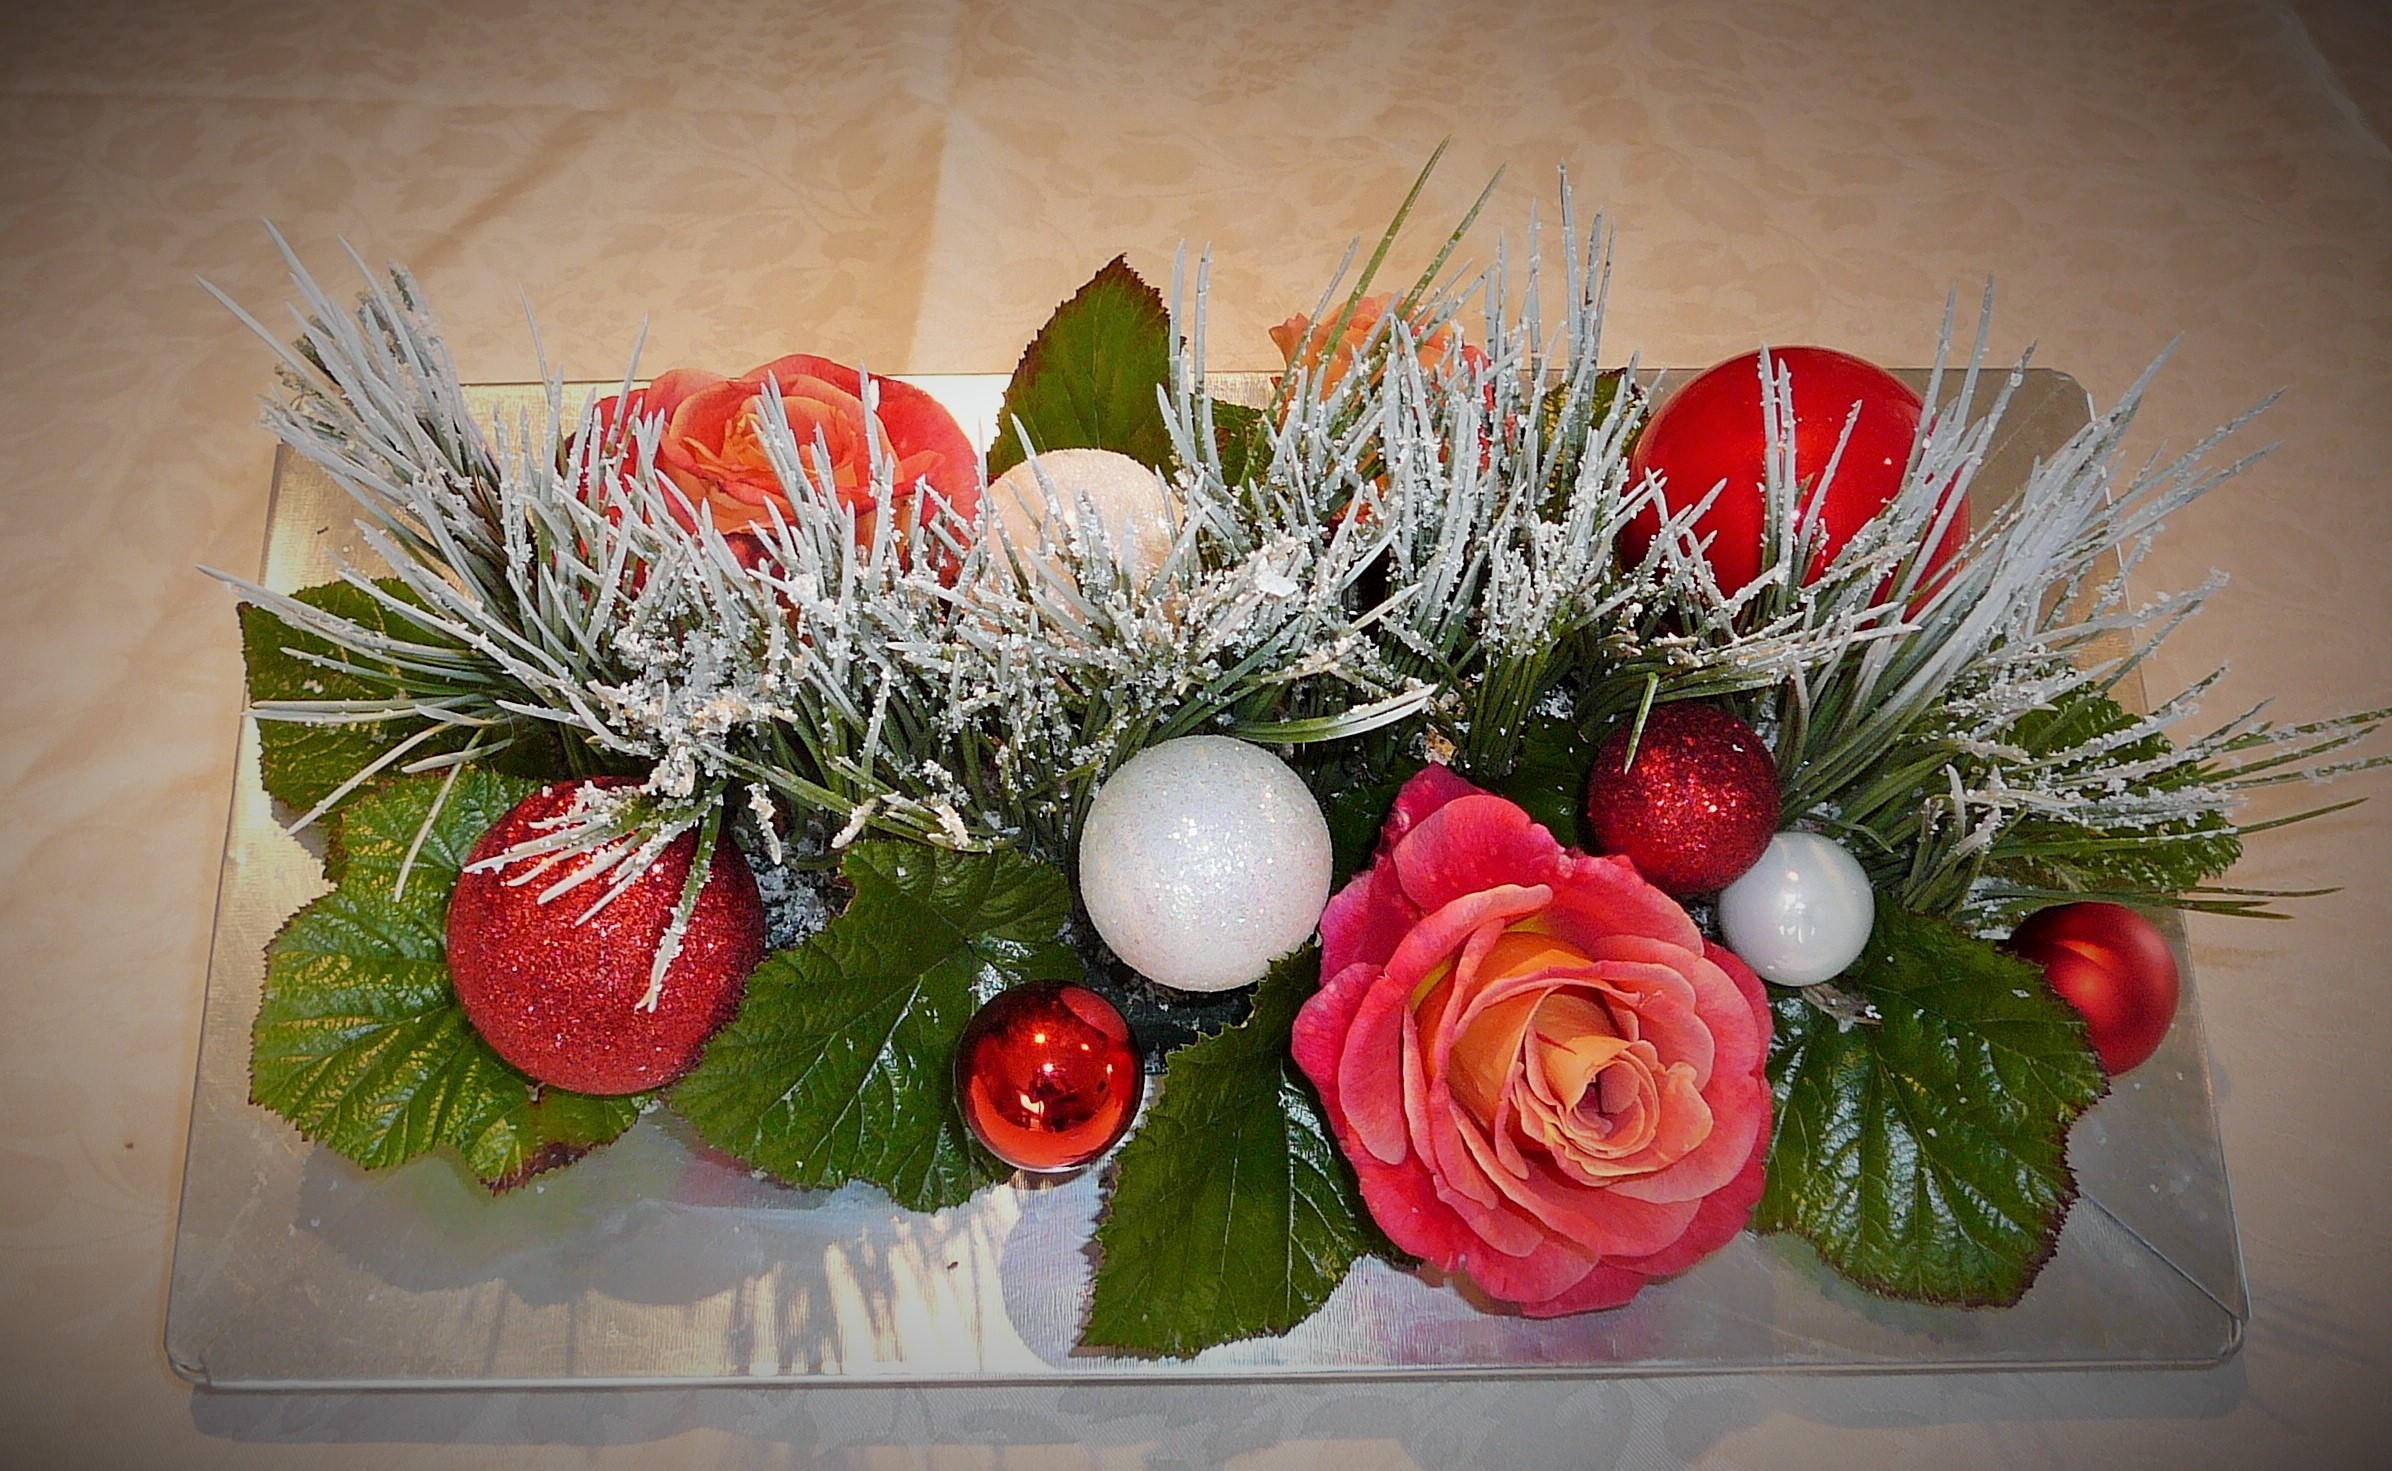 Les présentations d'art floral